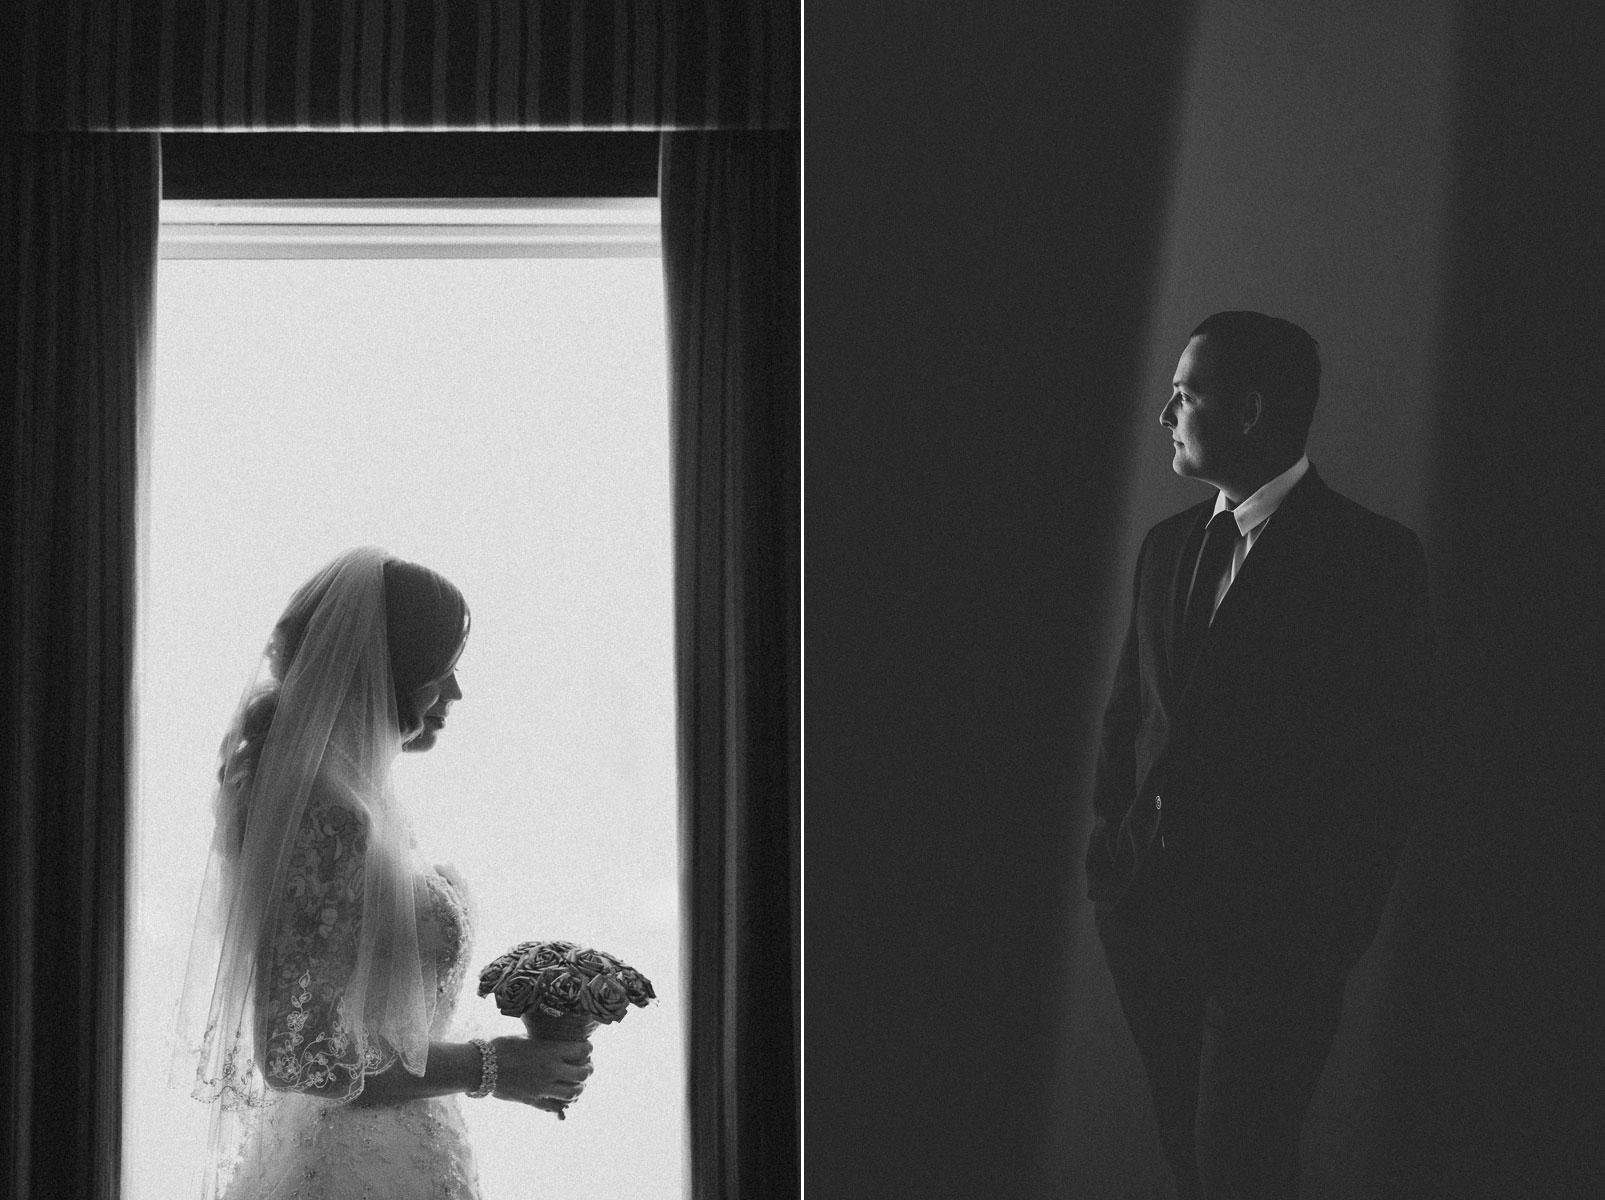 perth-fremantle-quirky-geeky-wedding-19.jpg